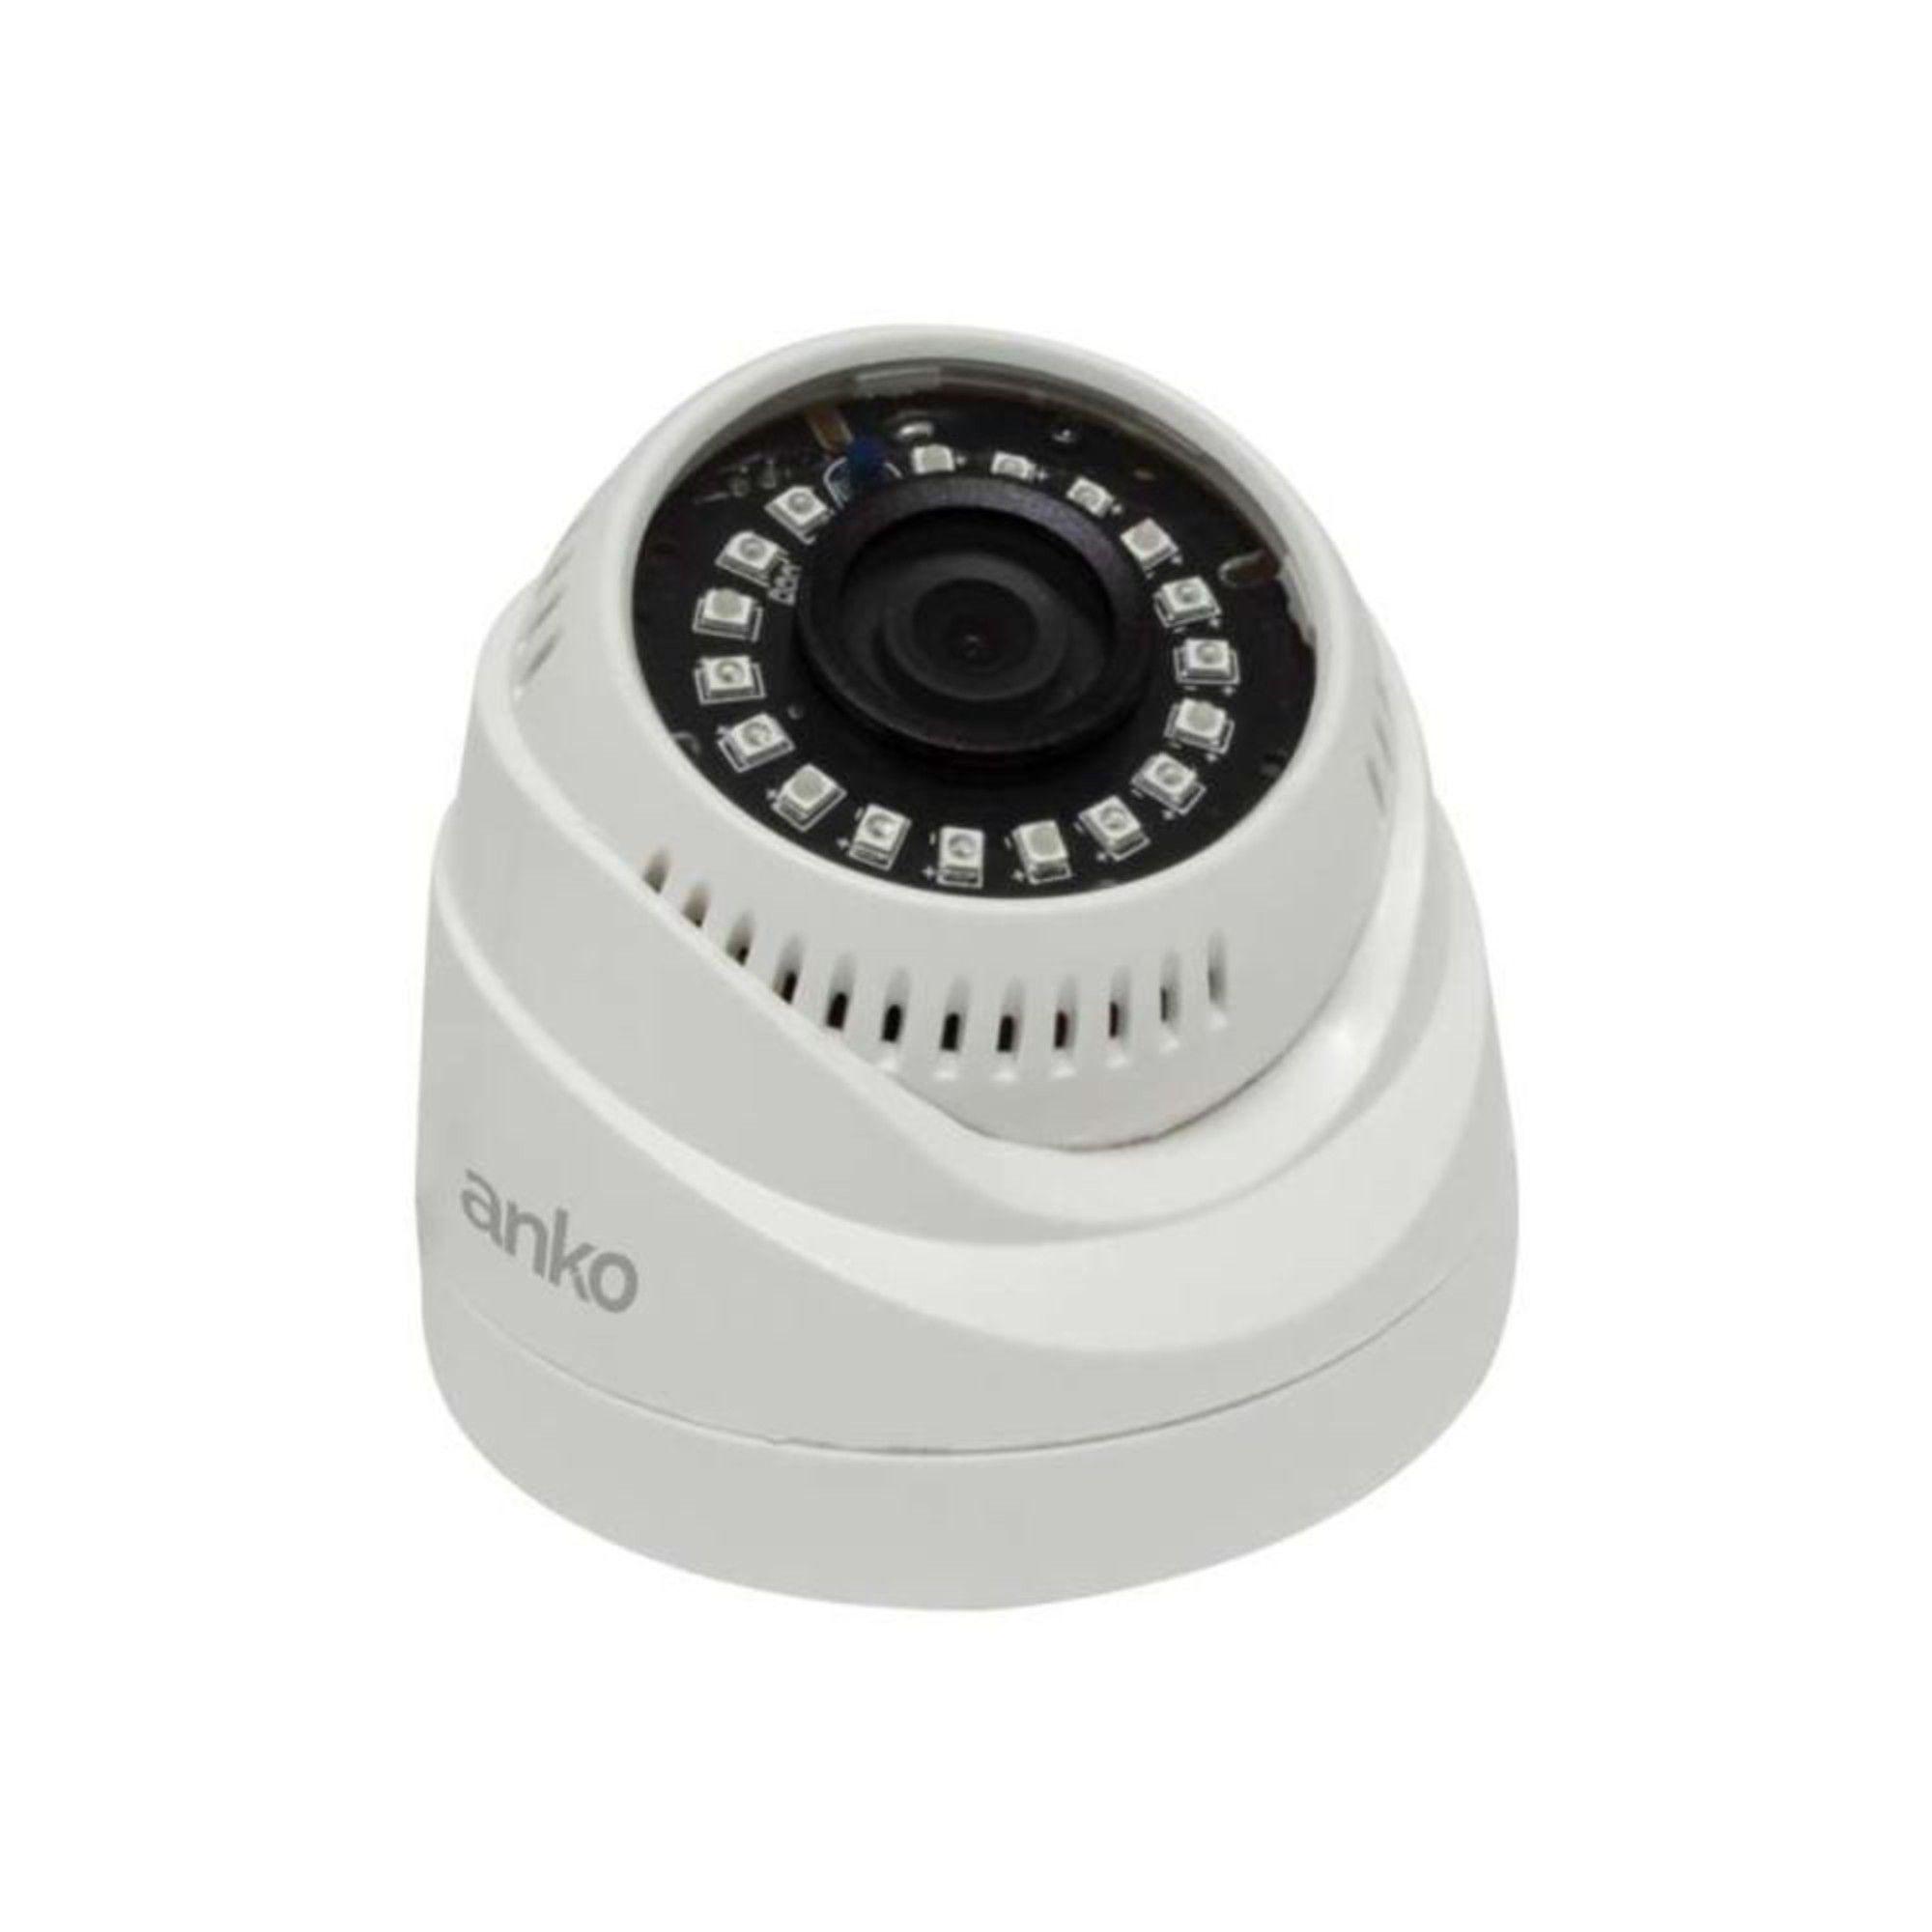 Kit CFTV Anko Completo 8 Câmeras AHD 720p DVR 8 Canais